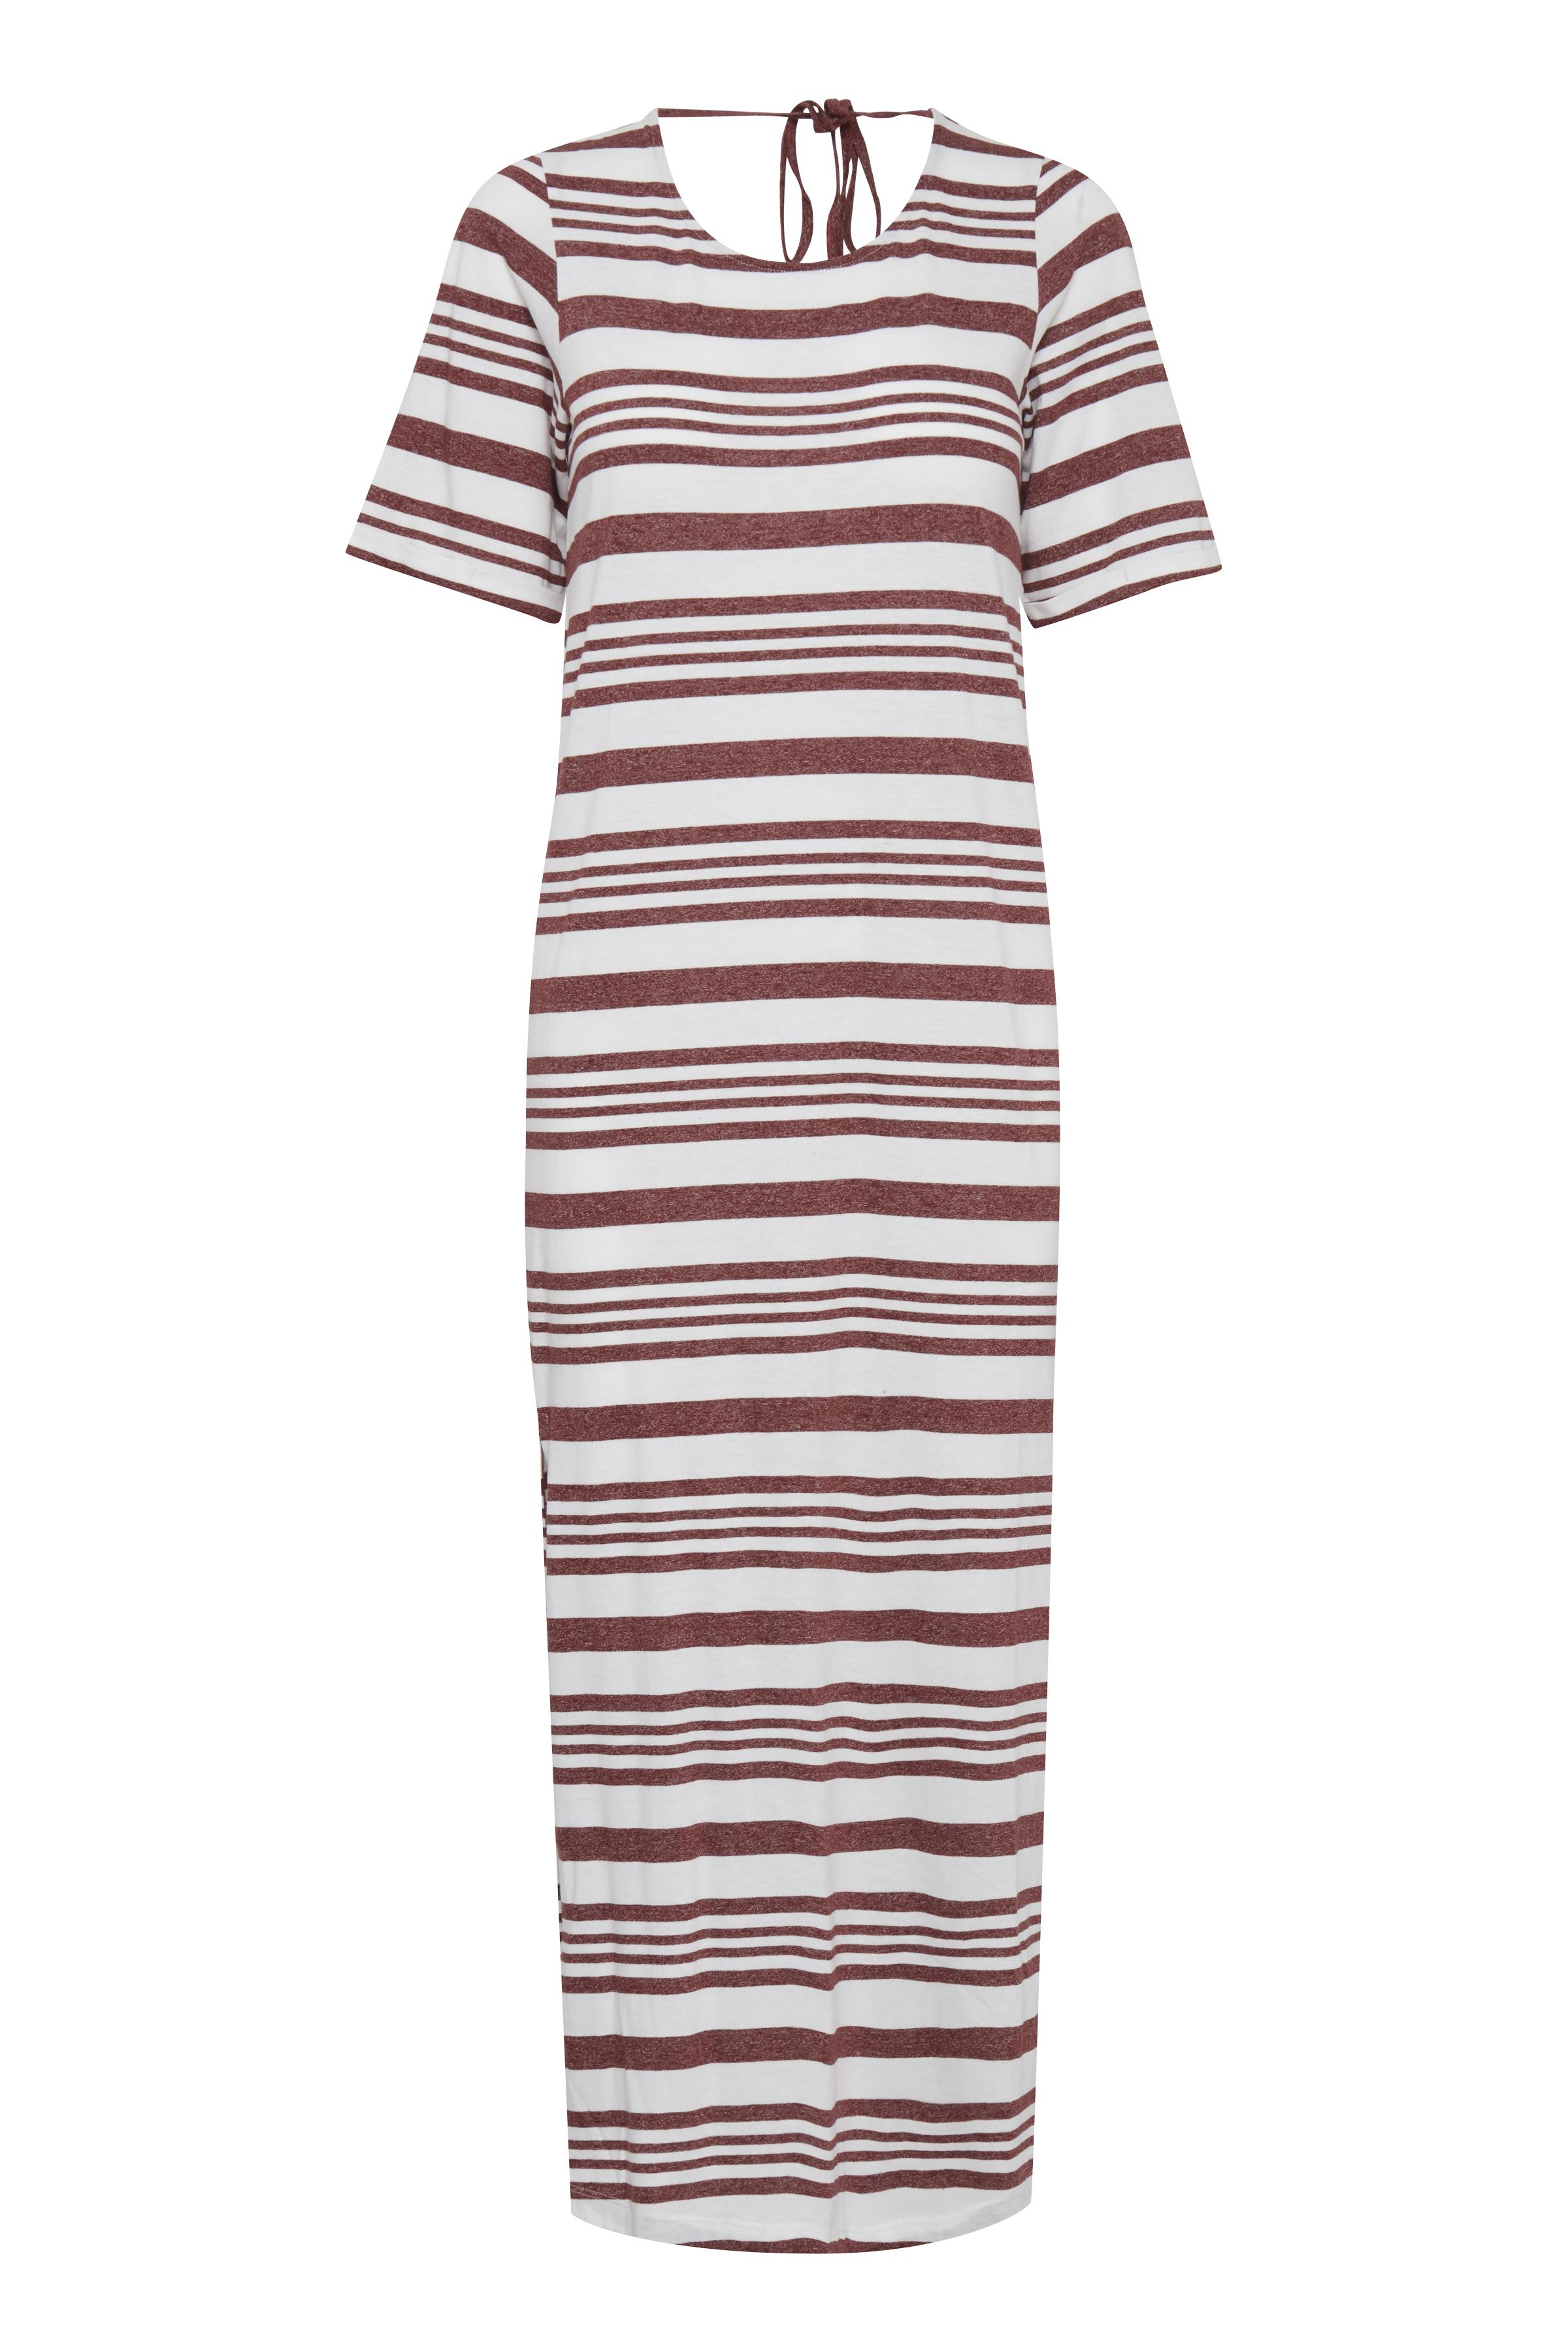 Wide Stripe Andorra Jerseykjole – Køb Wide Stripe Andorra Jerseykjole fra str. XS-XL her